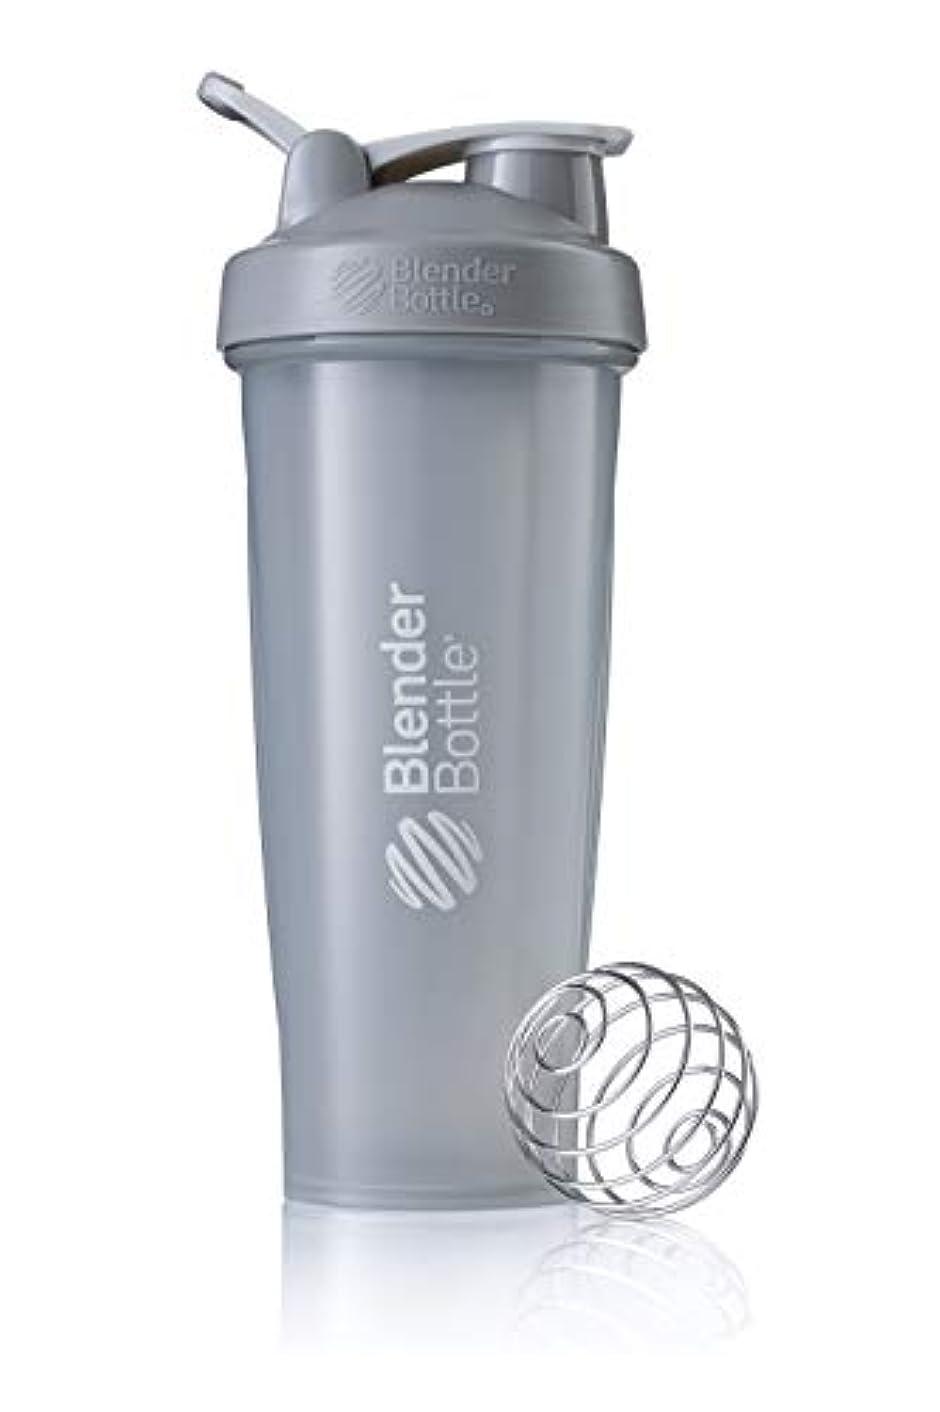 許可するバトル圧倒するBlenderBottle Classic ブレンダーボトル クラシック Shaker Bottle 32-Ounce Loop Top PEBBLE GREY CLSC32LOOP